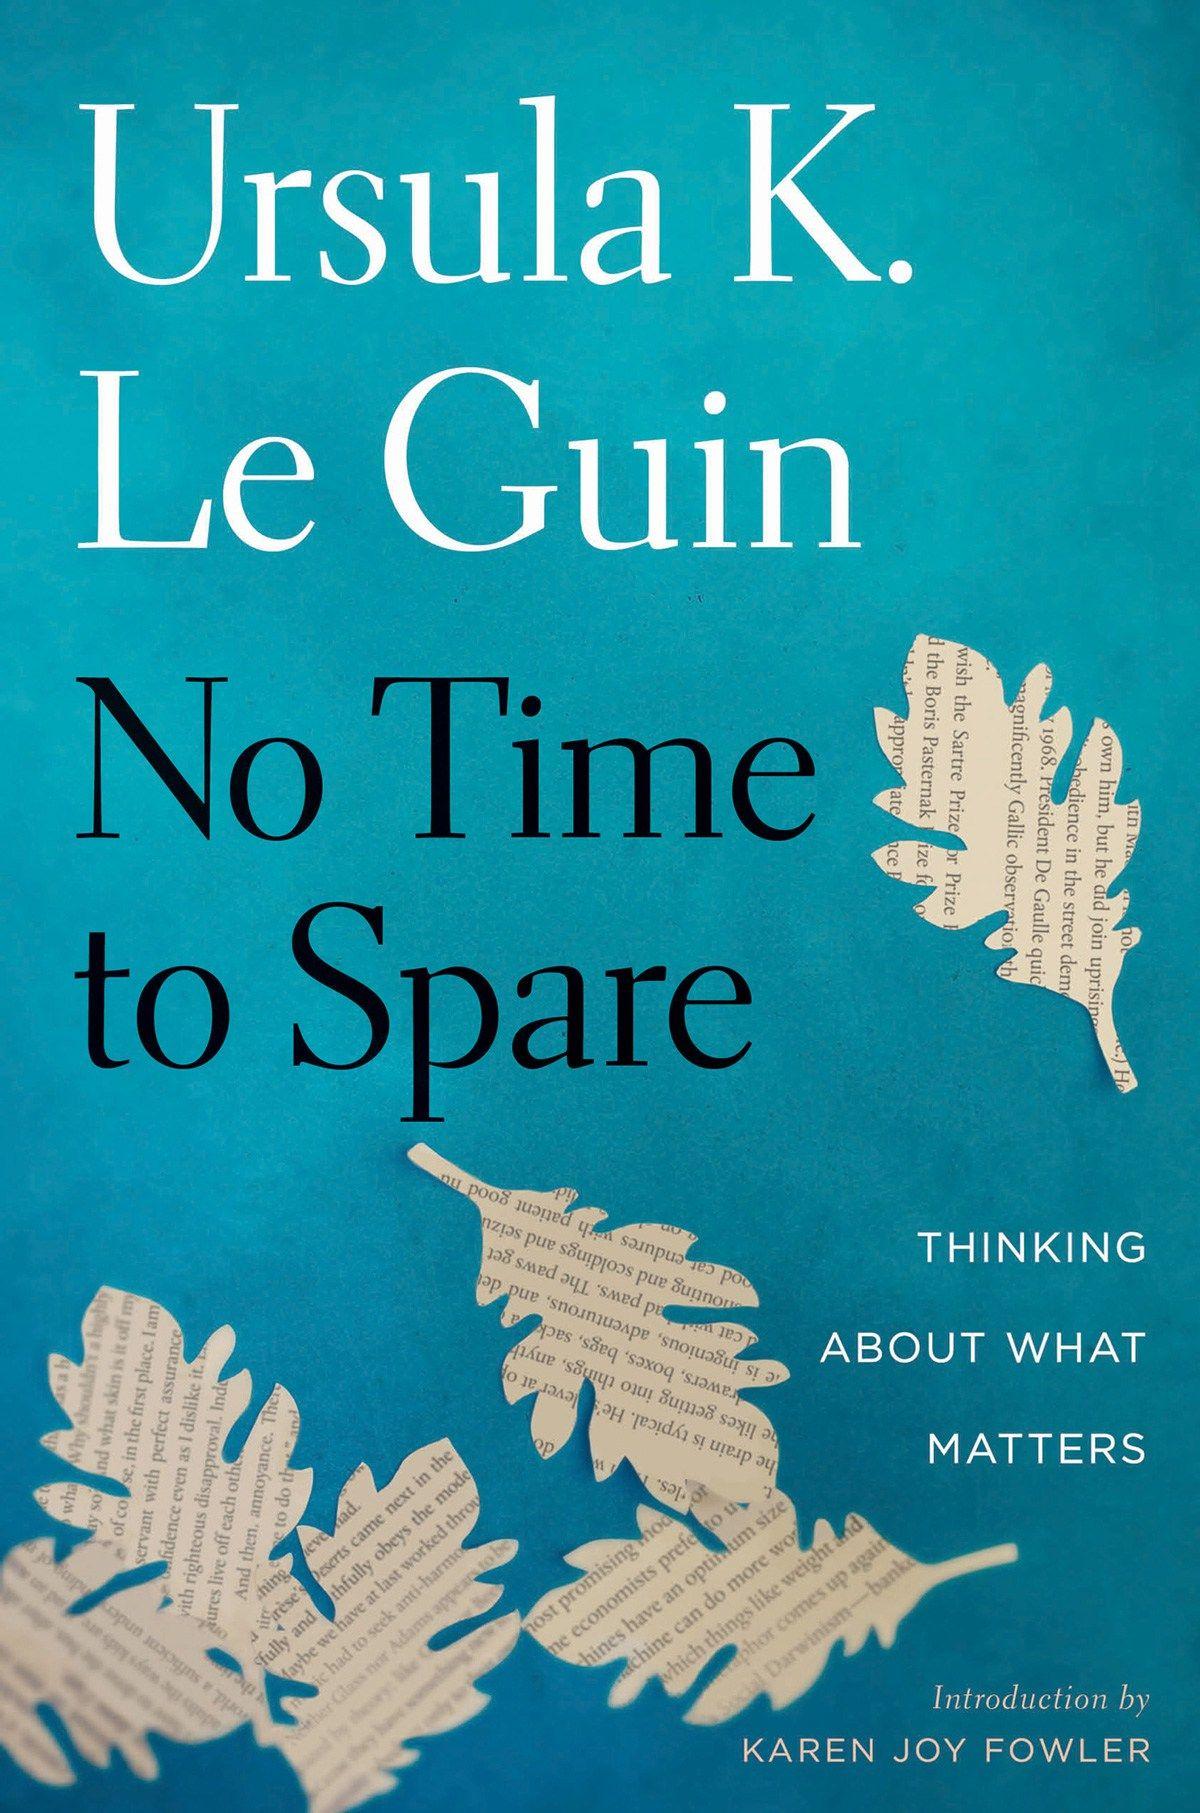 Ursula K Le Guin on Anger